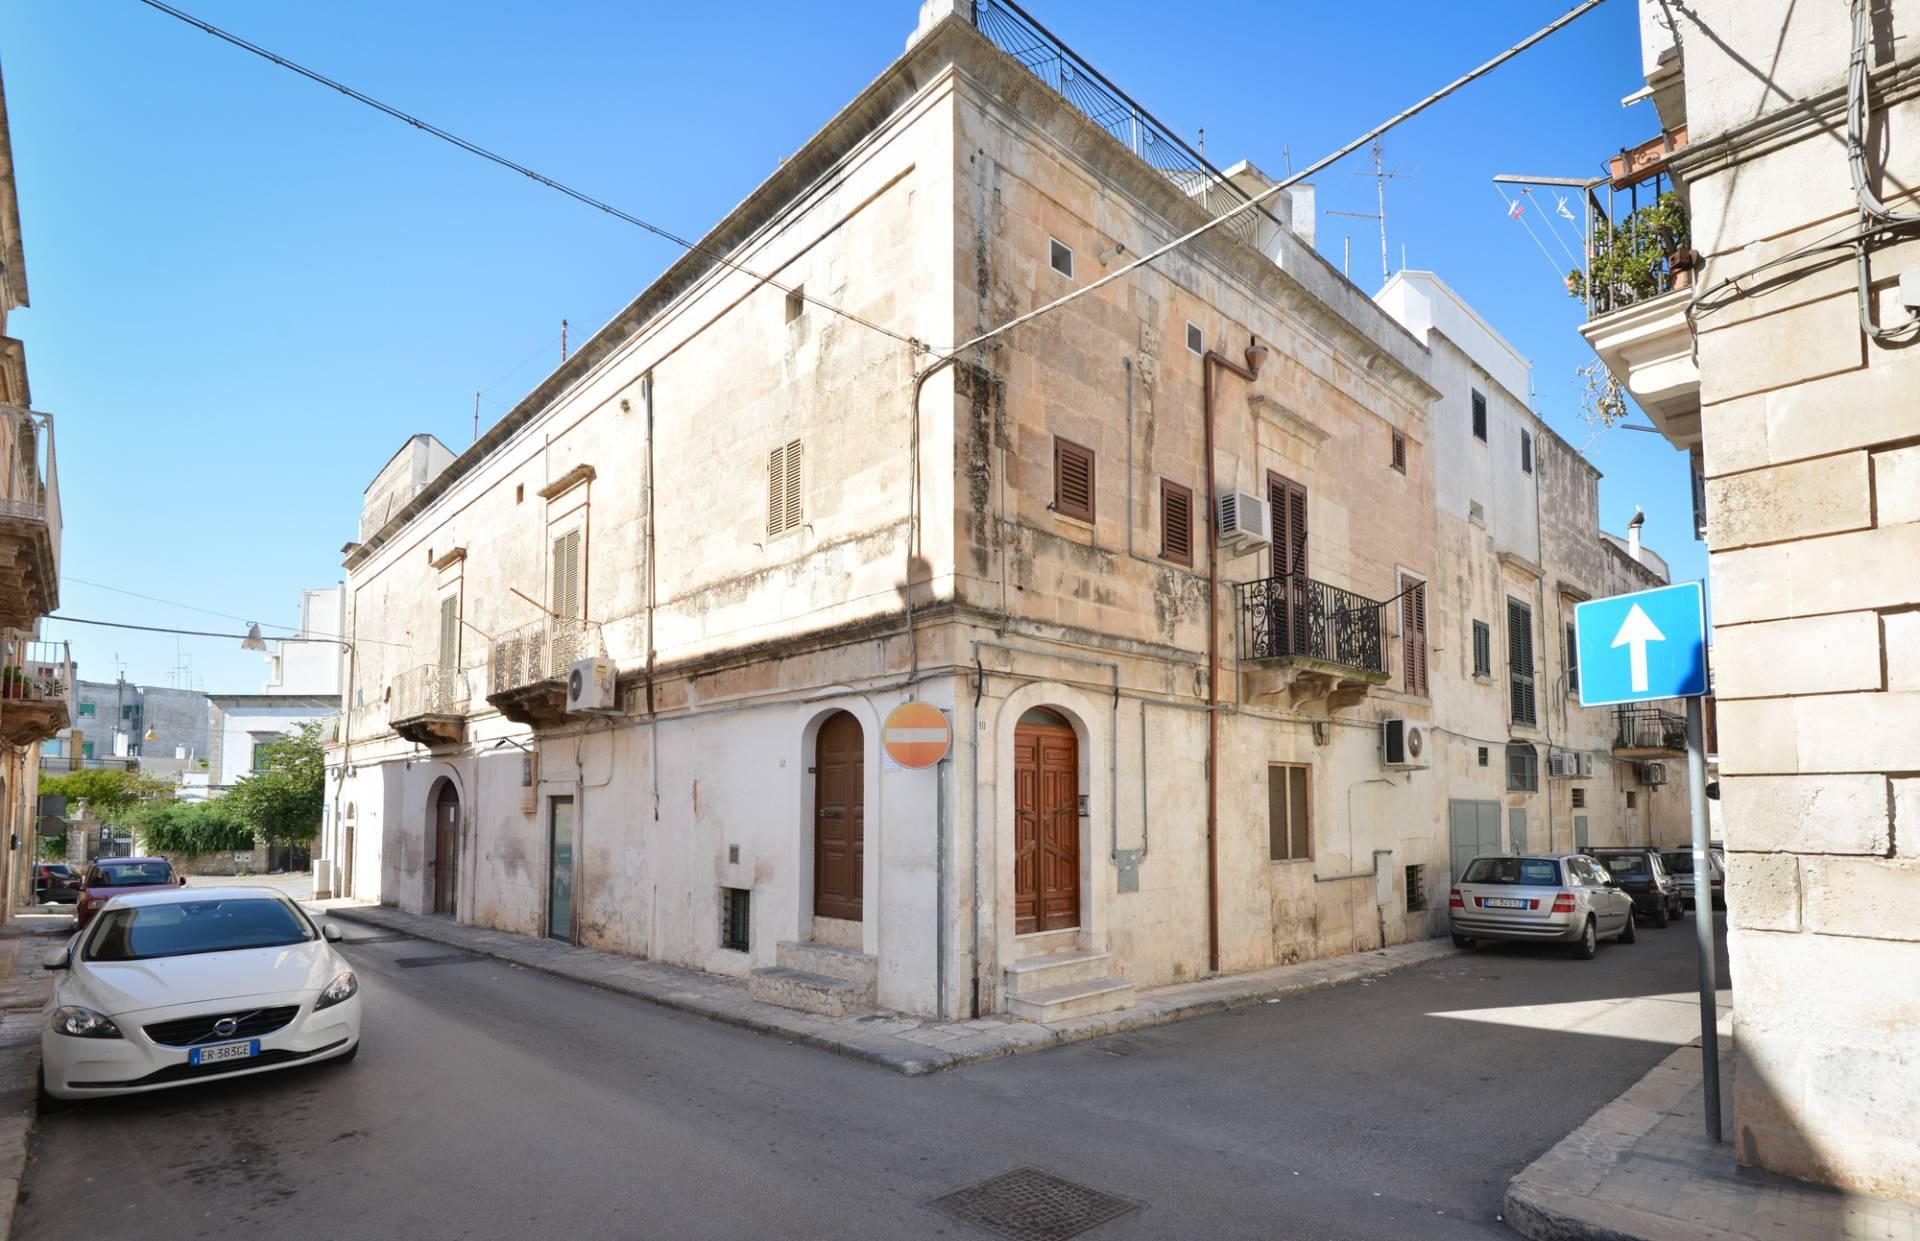 Appartamento in vendita a Ostuni, 4 locali, prezzo € 115.000 | CambioCasa.it